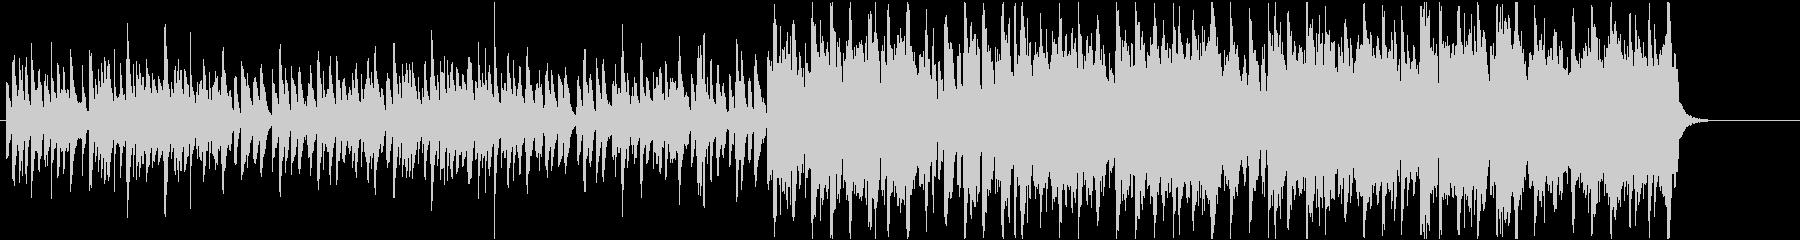 西洋琴ダルシマーによるクリスマスキャロルの未再生の波形